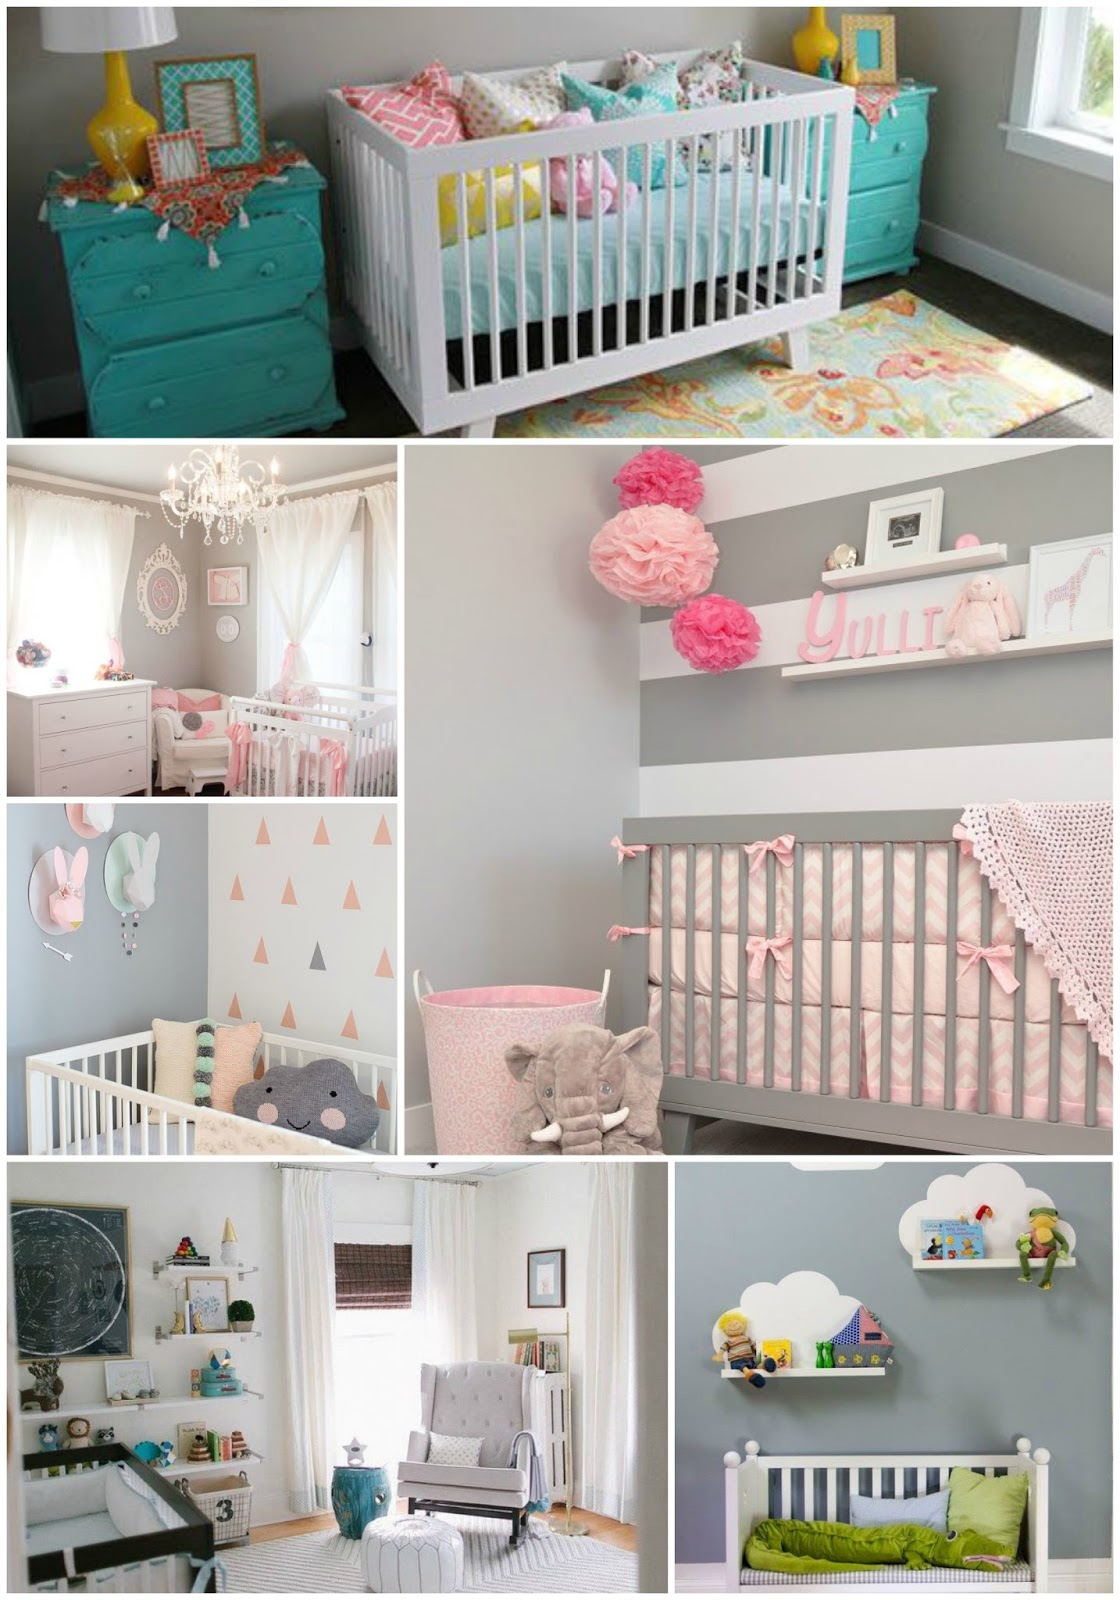 Camerette bambini marche beautiful disegno idea marche camerette camere per ragazzi ikea arredo - Cameretta neonato ikea ...